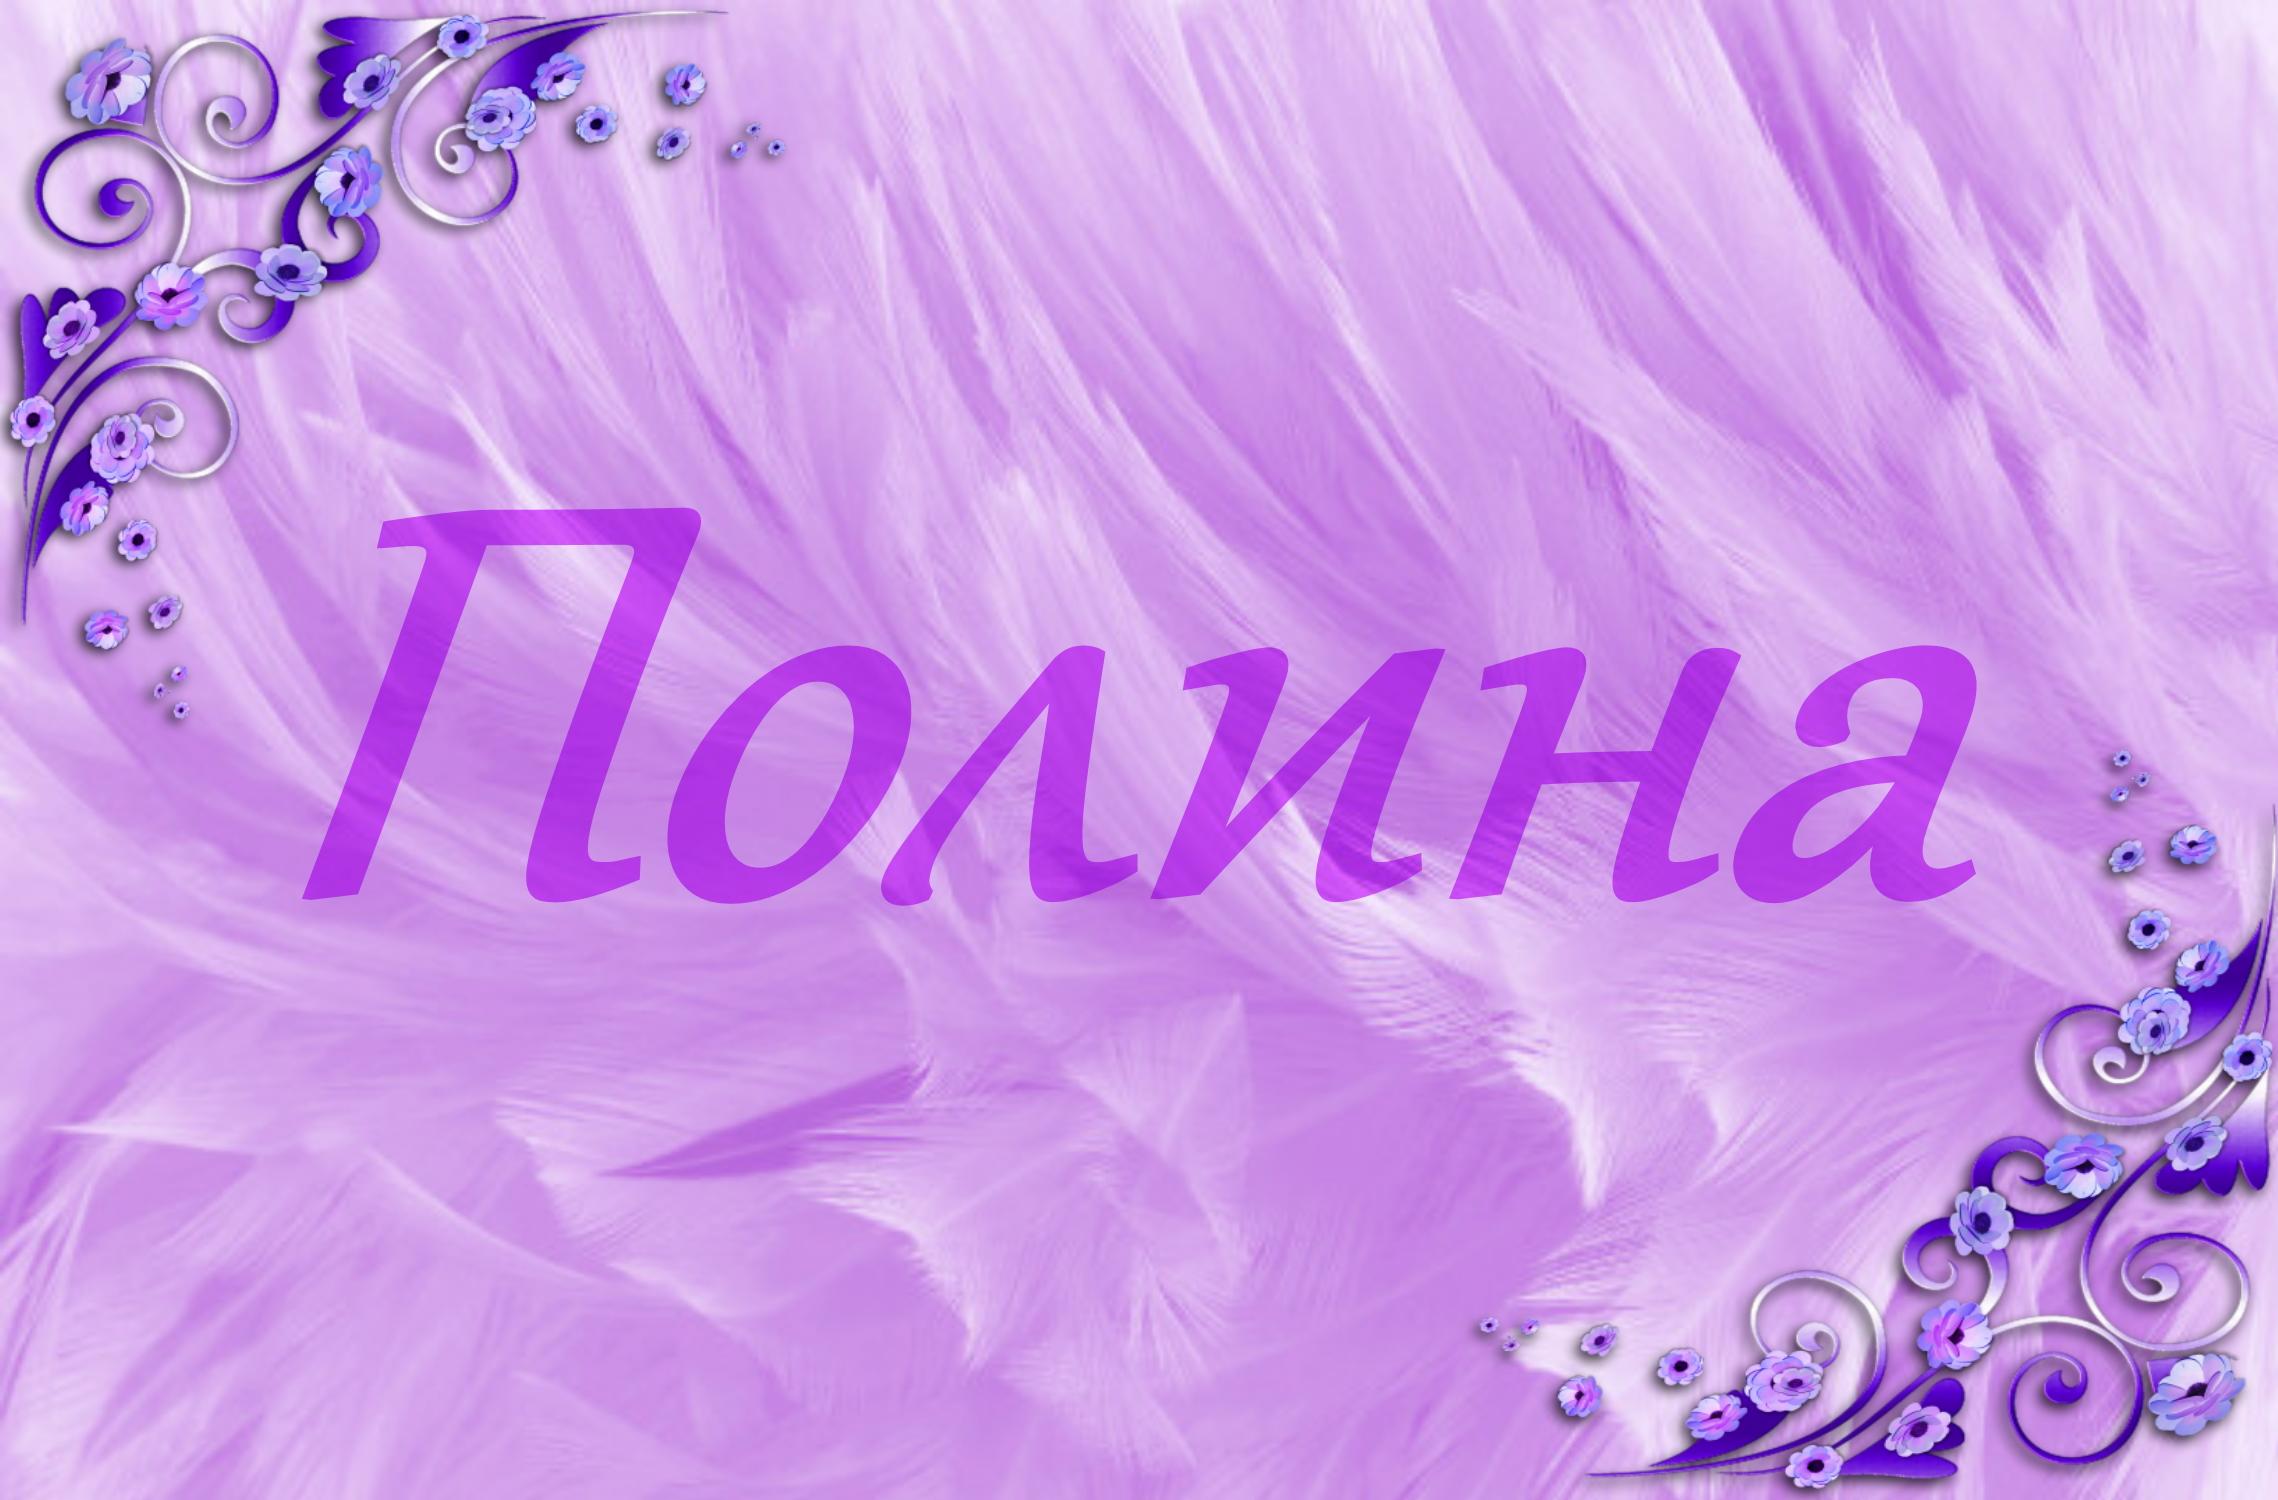 Женское имя Полина